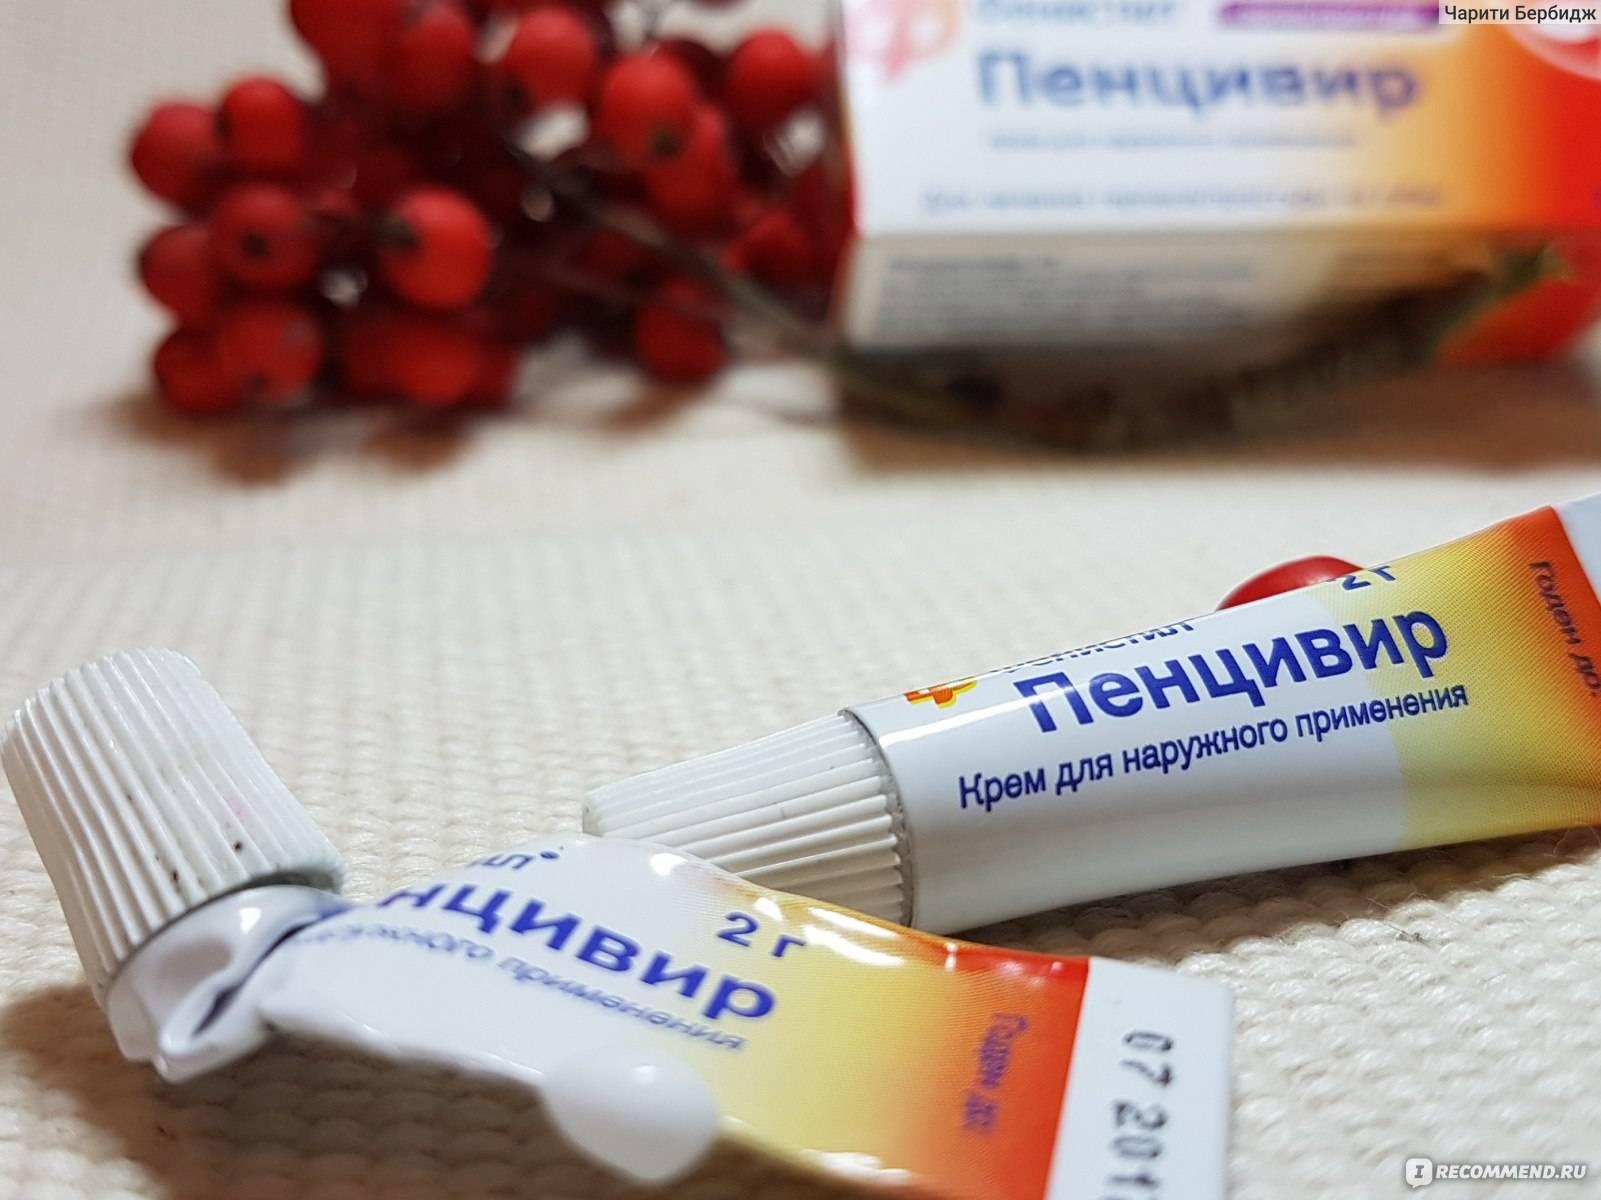 Лекарство от герпеса на губах — какое лучшее средство от простуды